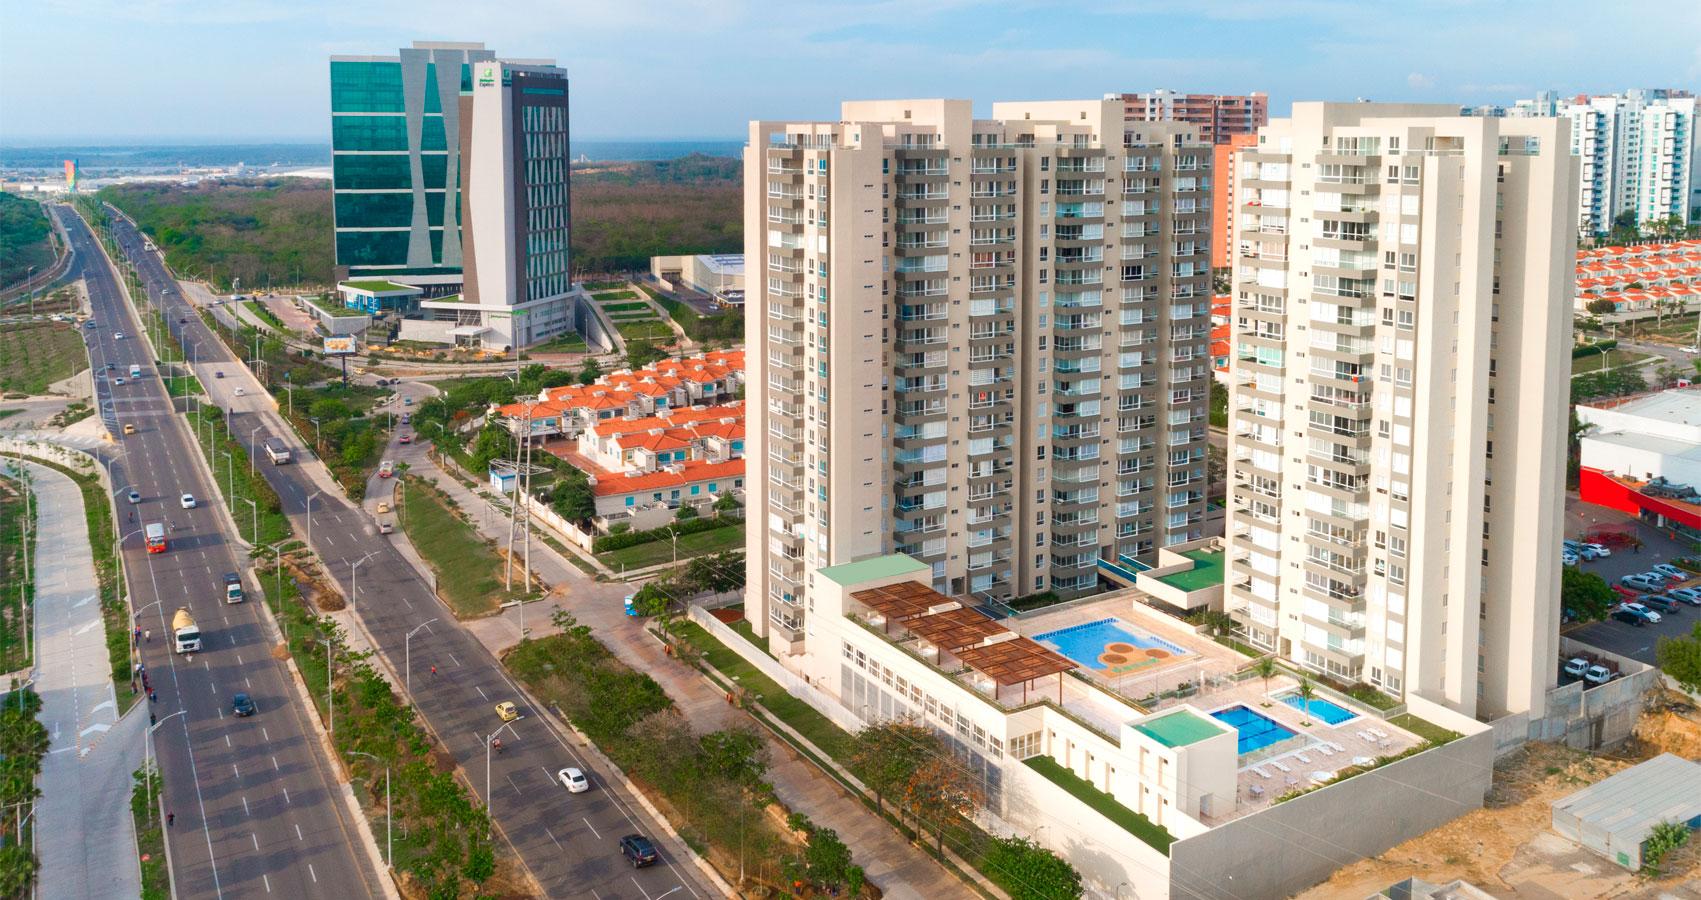 Oceana 52 Barranquilla Constructora Bolívar